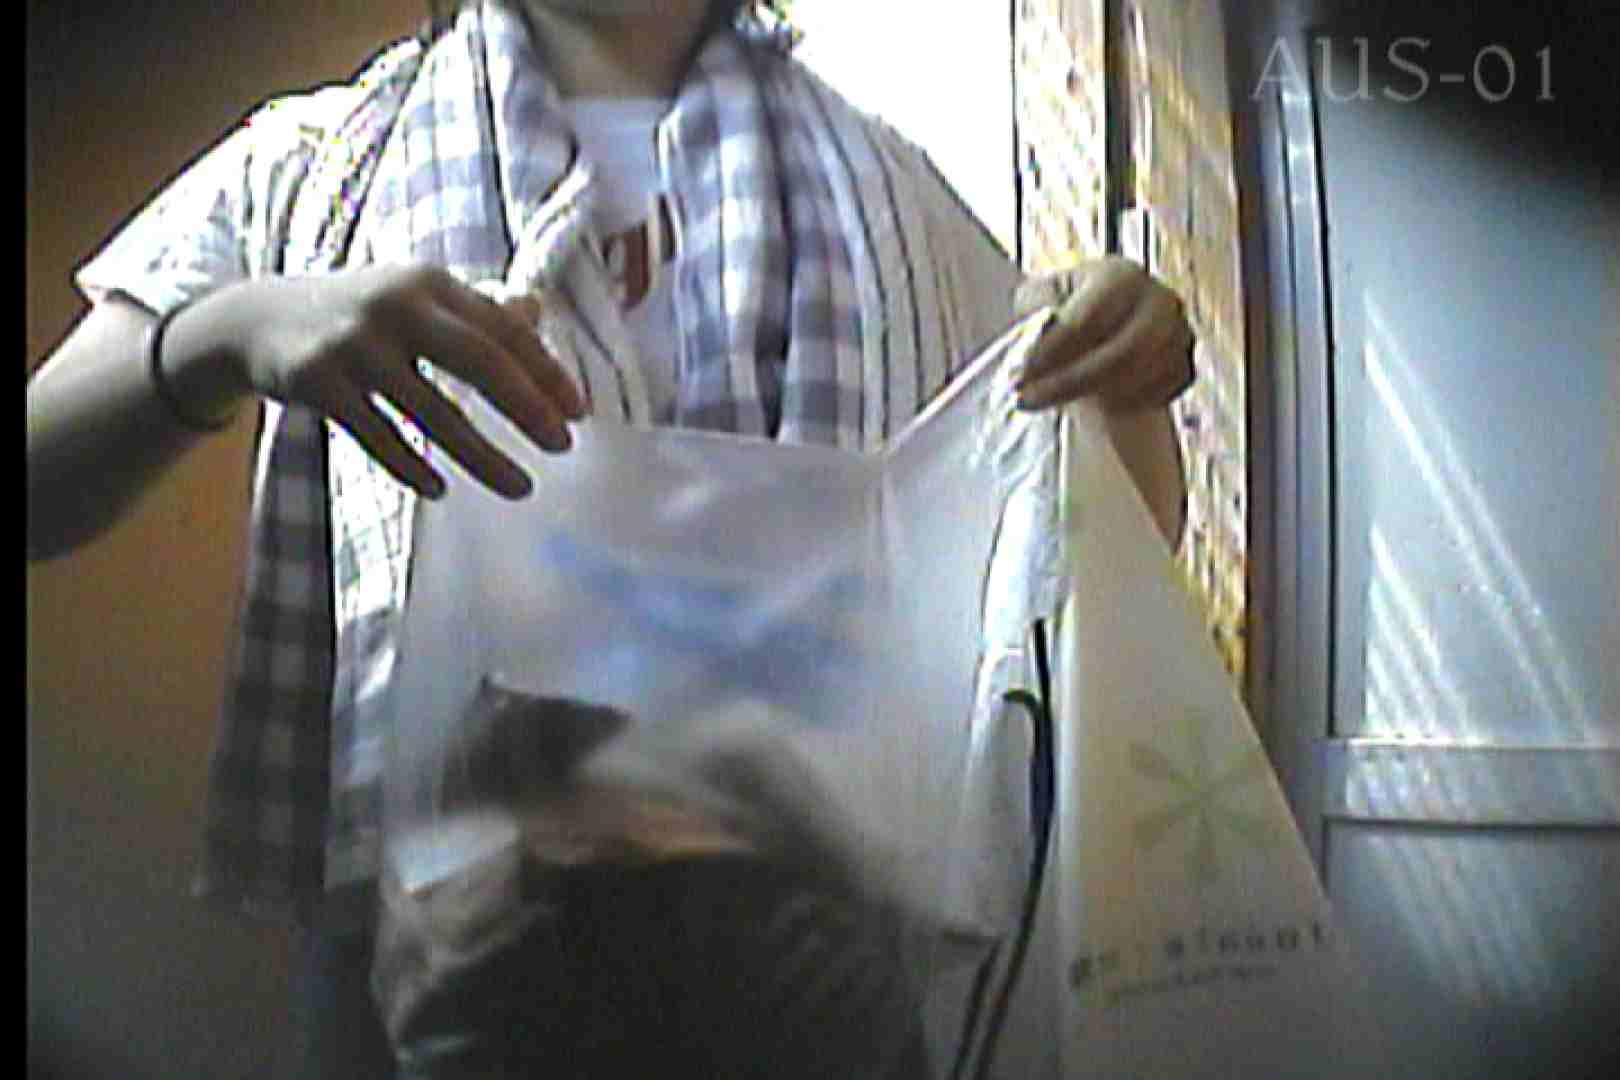 海の家の更衣室 Vol.02 美女 盗み撮りAV無料動画キャプチャ 70pic 14